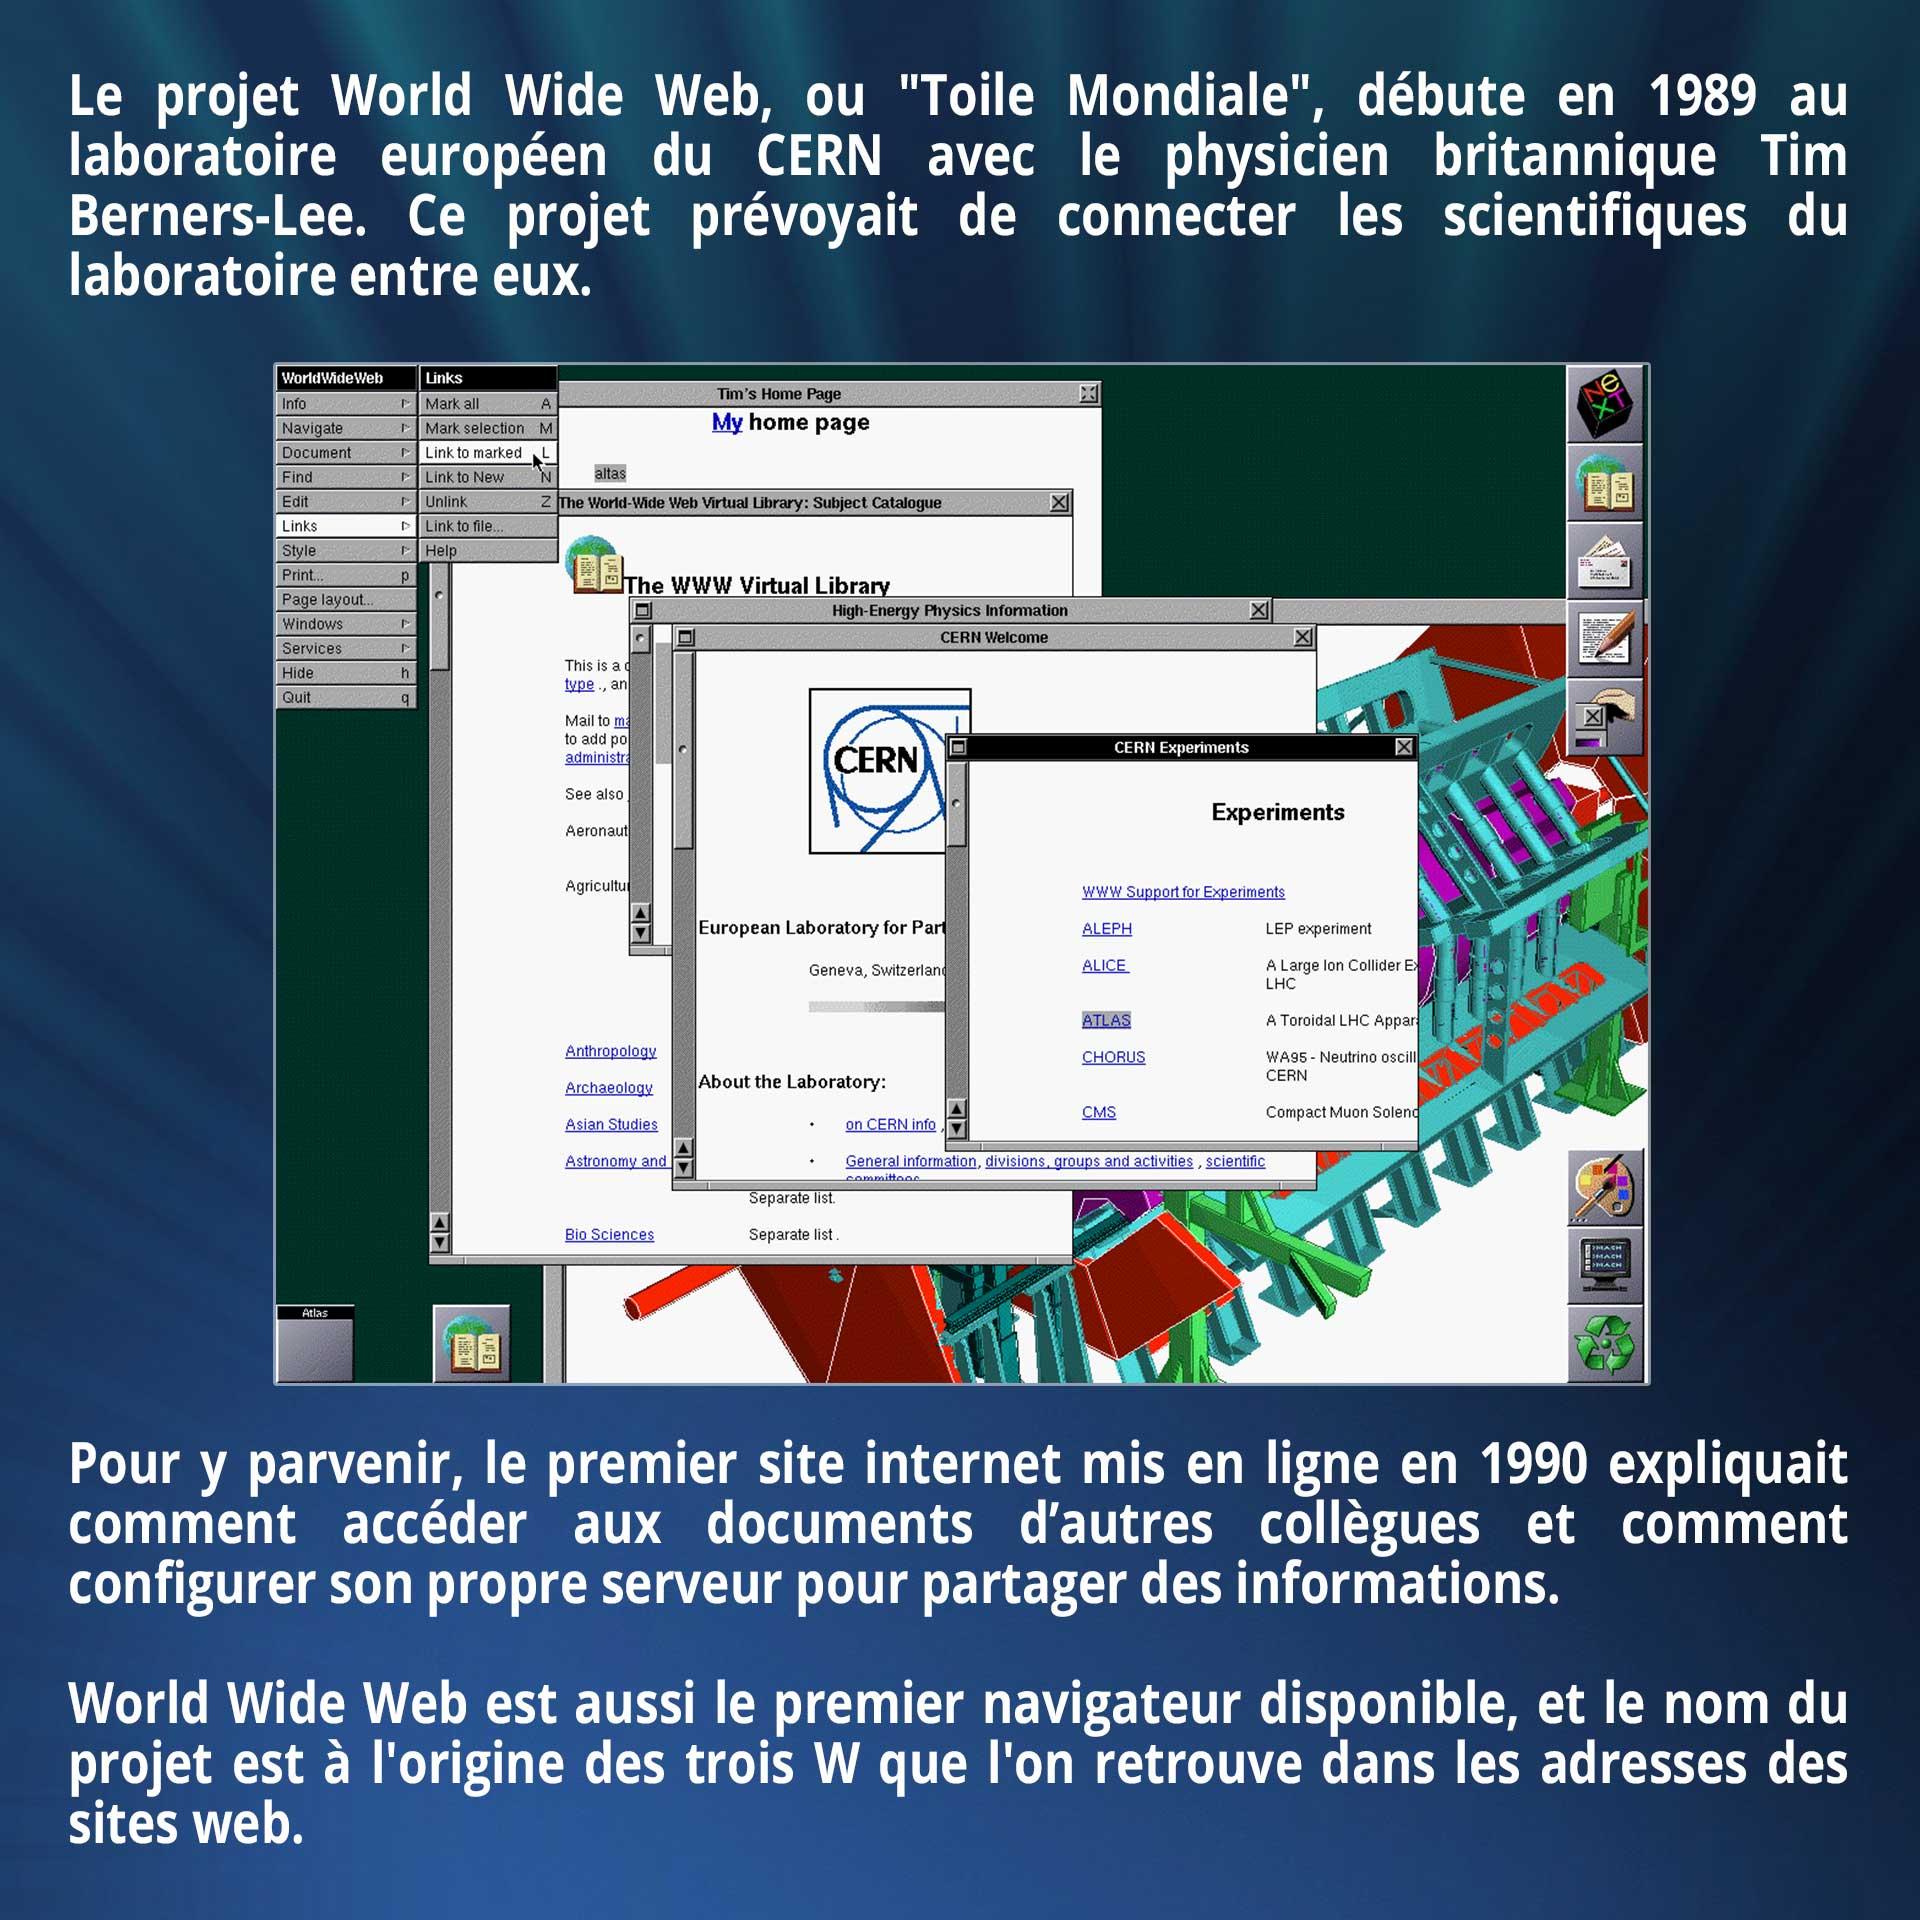 Le projet World Wide Web, ou